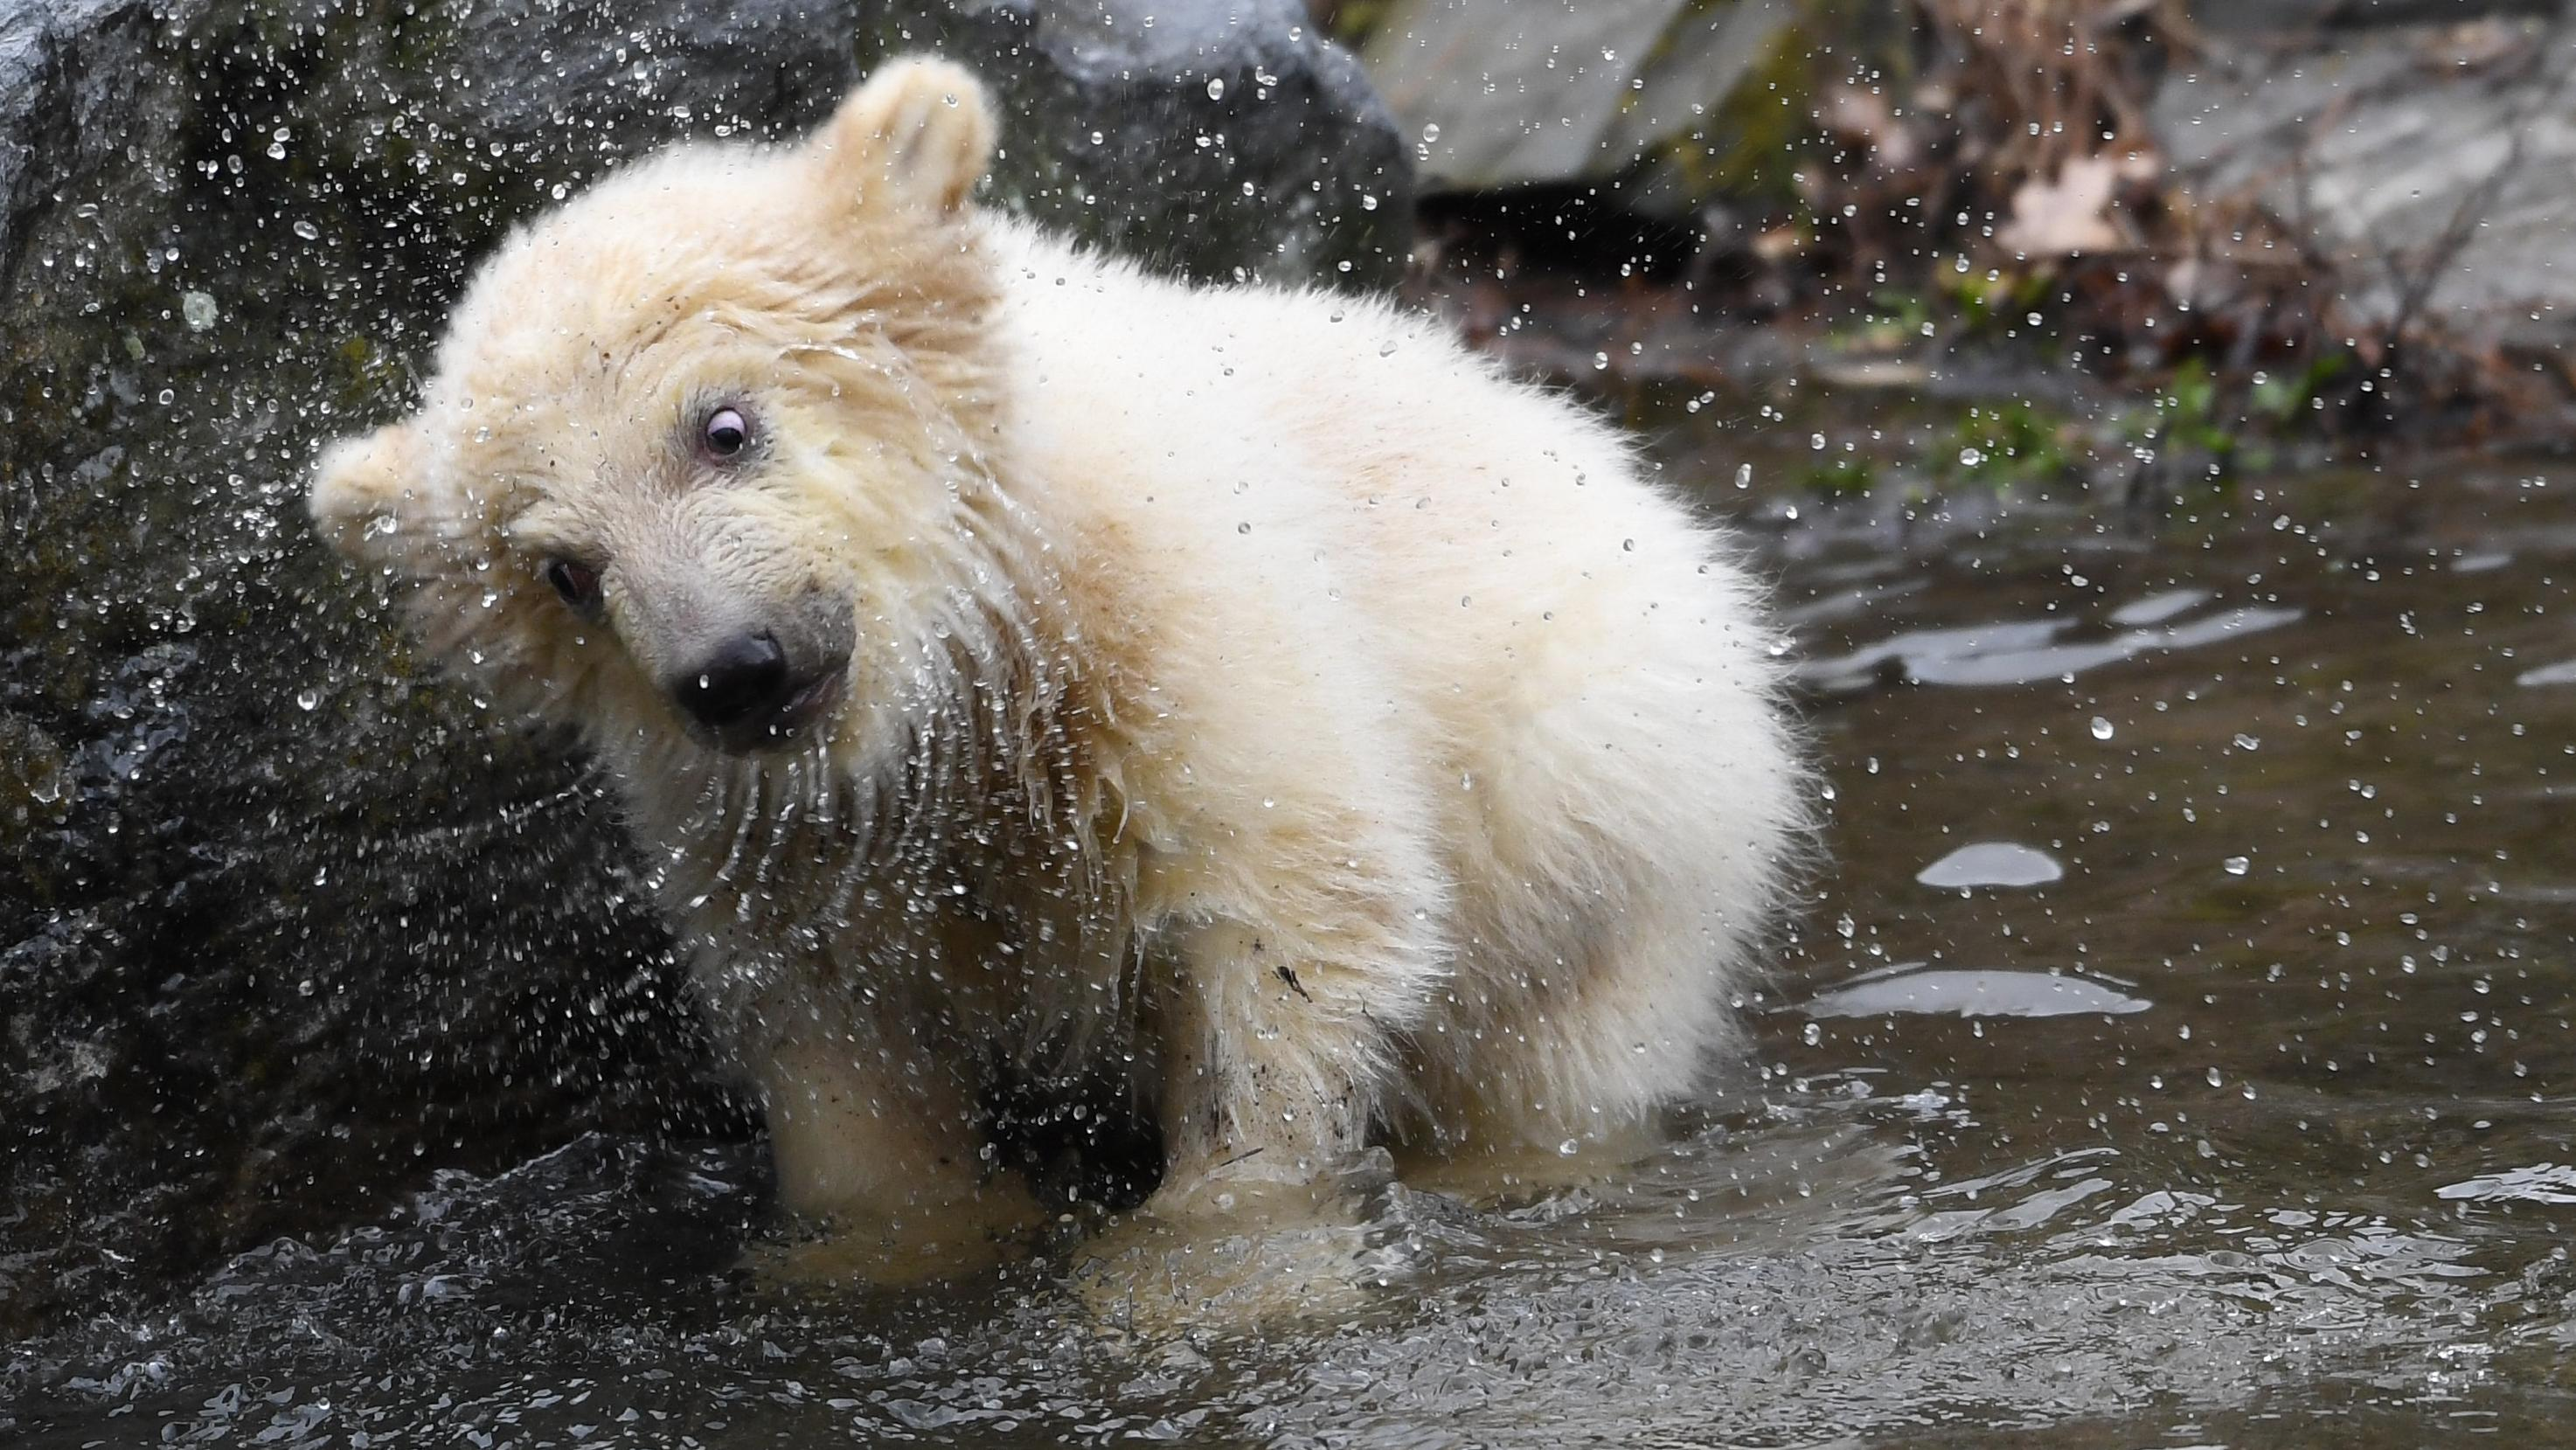 Die kleine, noch namenlose Eisbärin macht ihre erste Erkundungstour im Tierpark